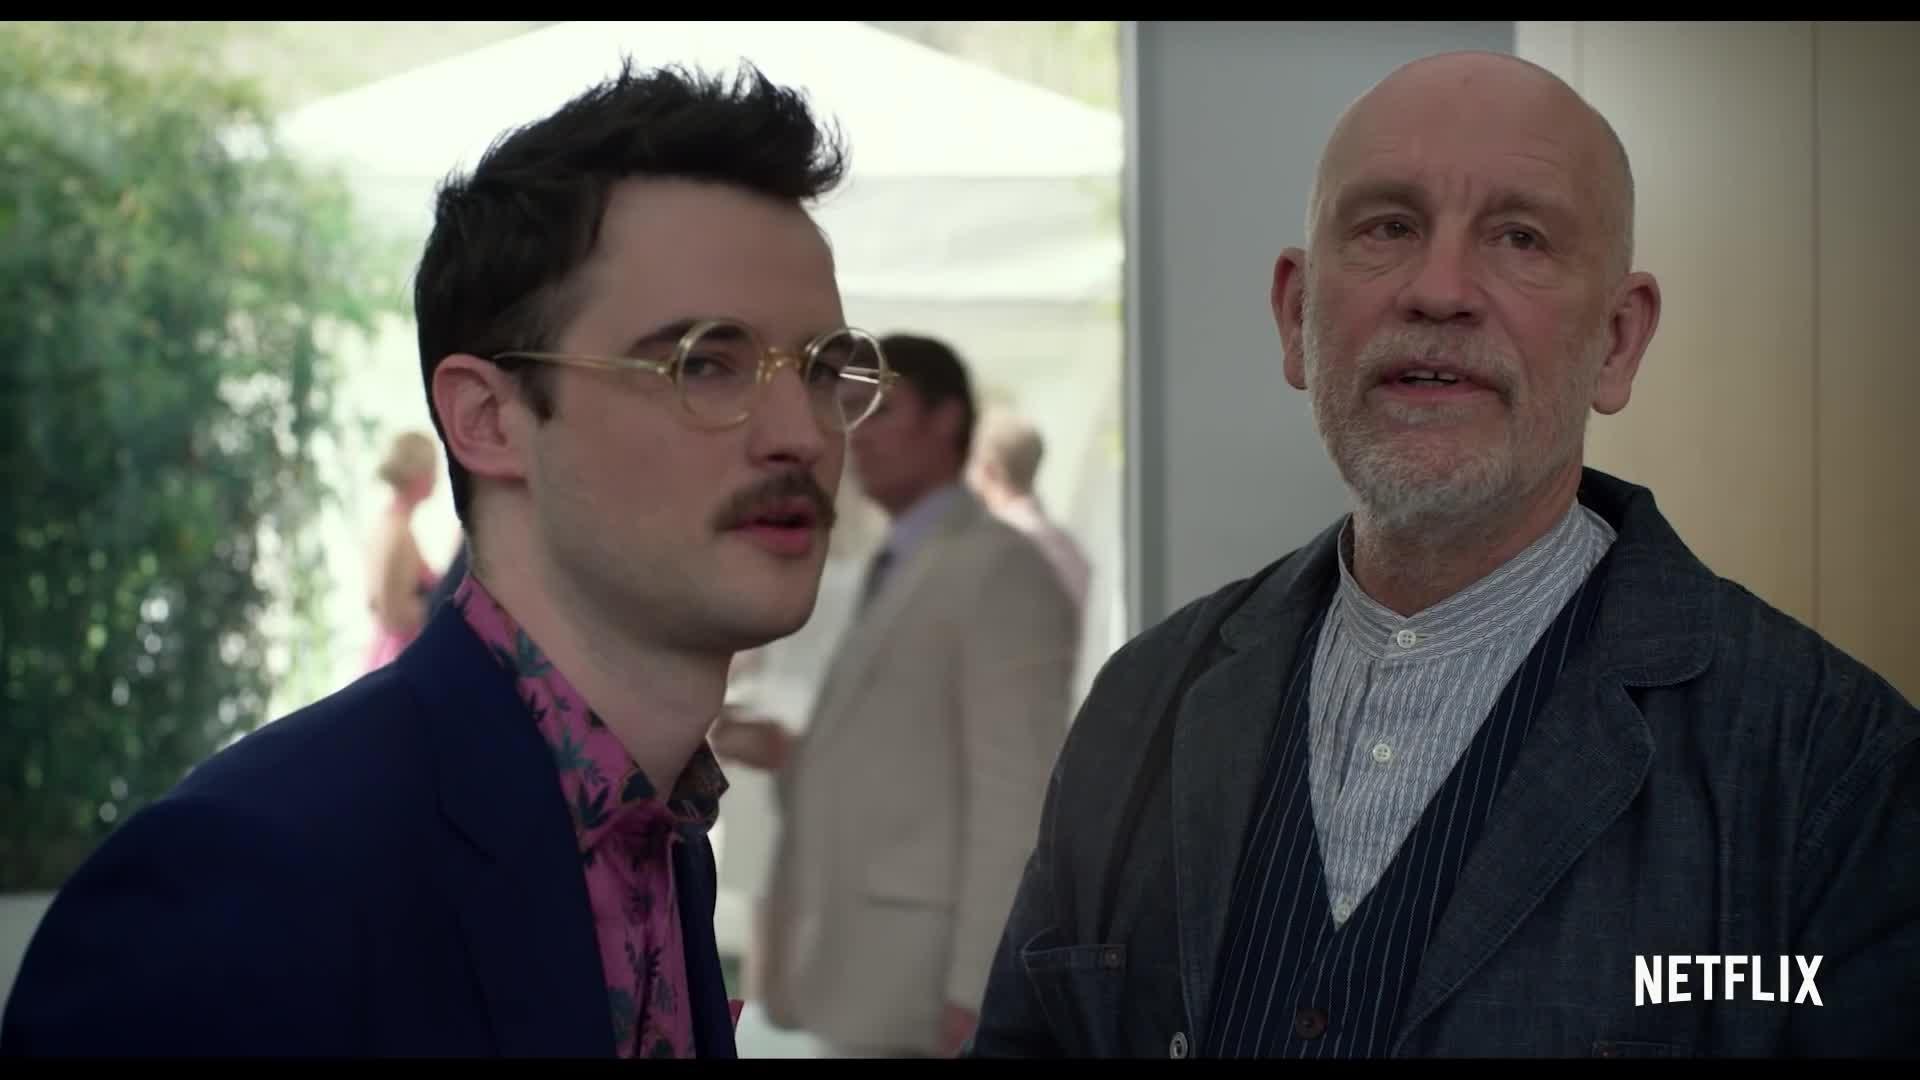 'Velvet Buzzsaw' Official Trailer - Netflix screen capture